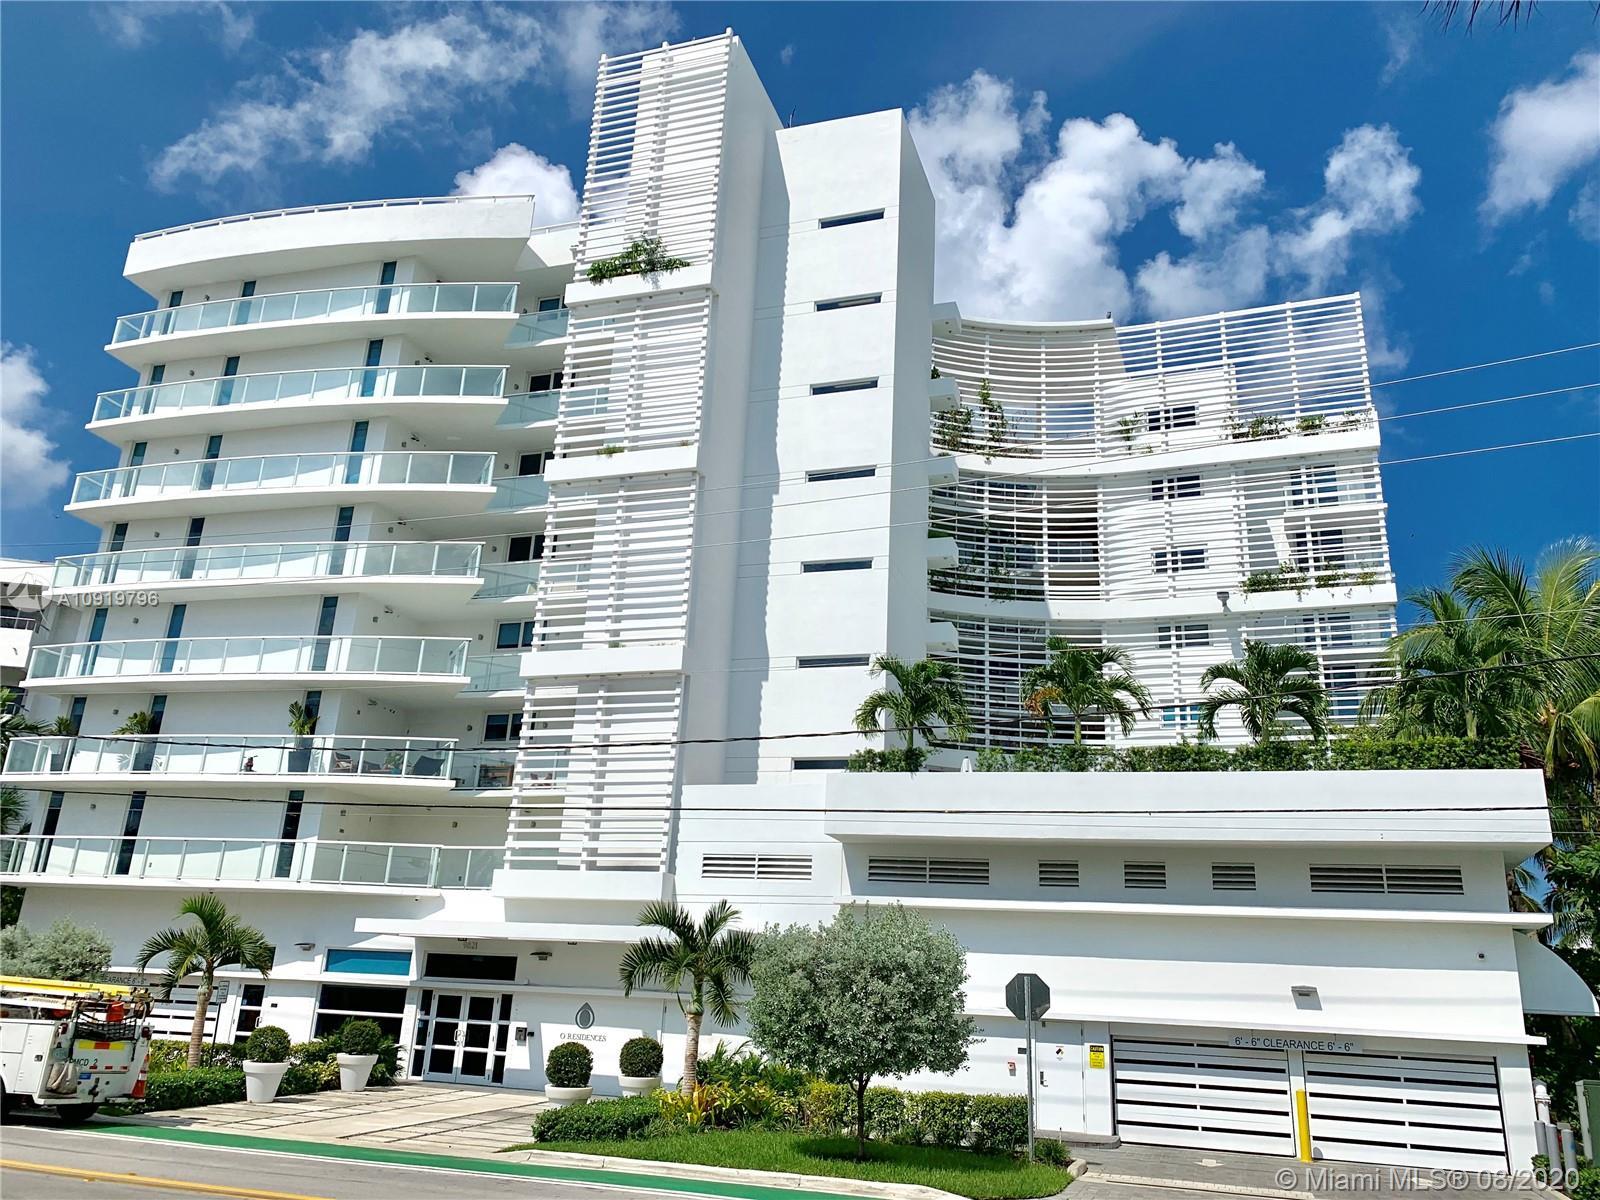 9821 E Bay Harbor Dr #805 For Sale A10919796, FL